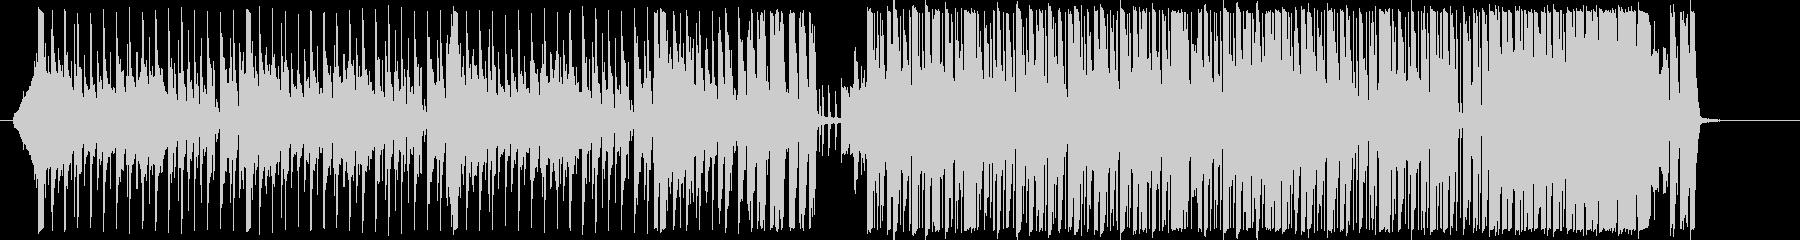 イベント オープニング EDMの未再生の波形